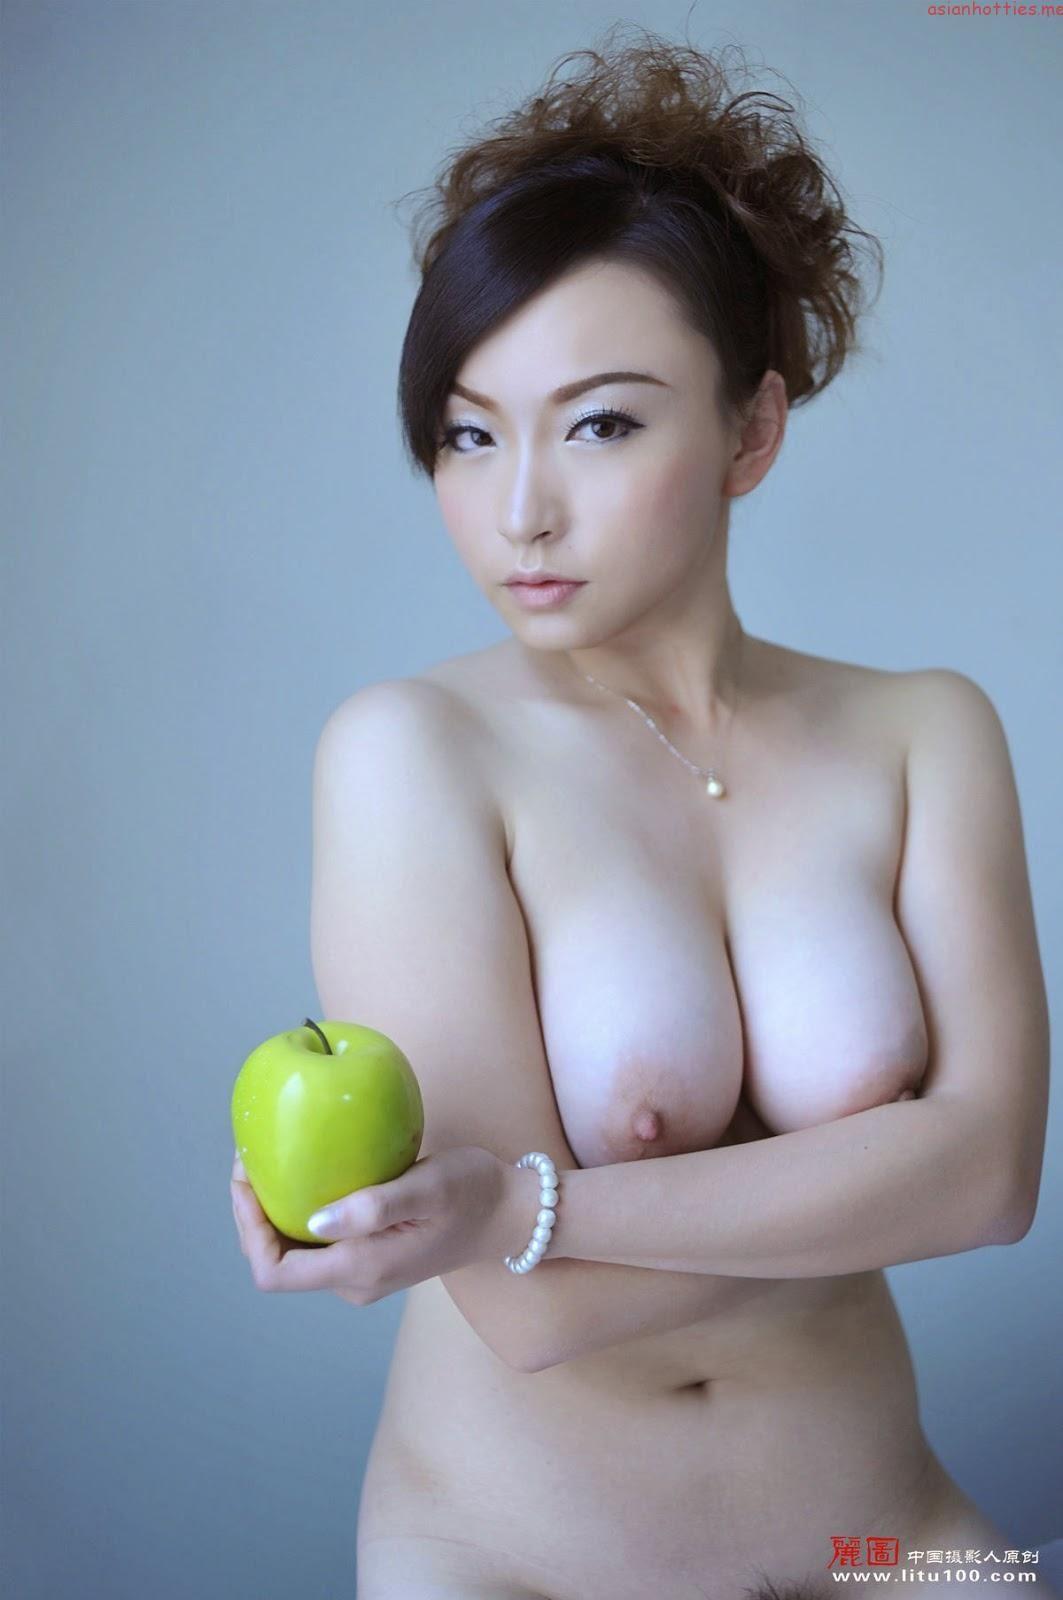 nude sexy ass shaken